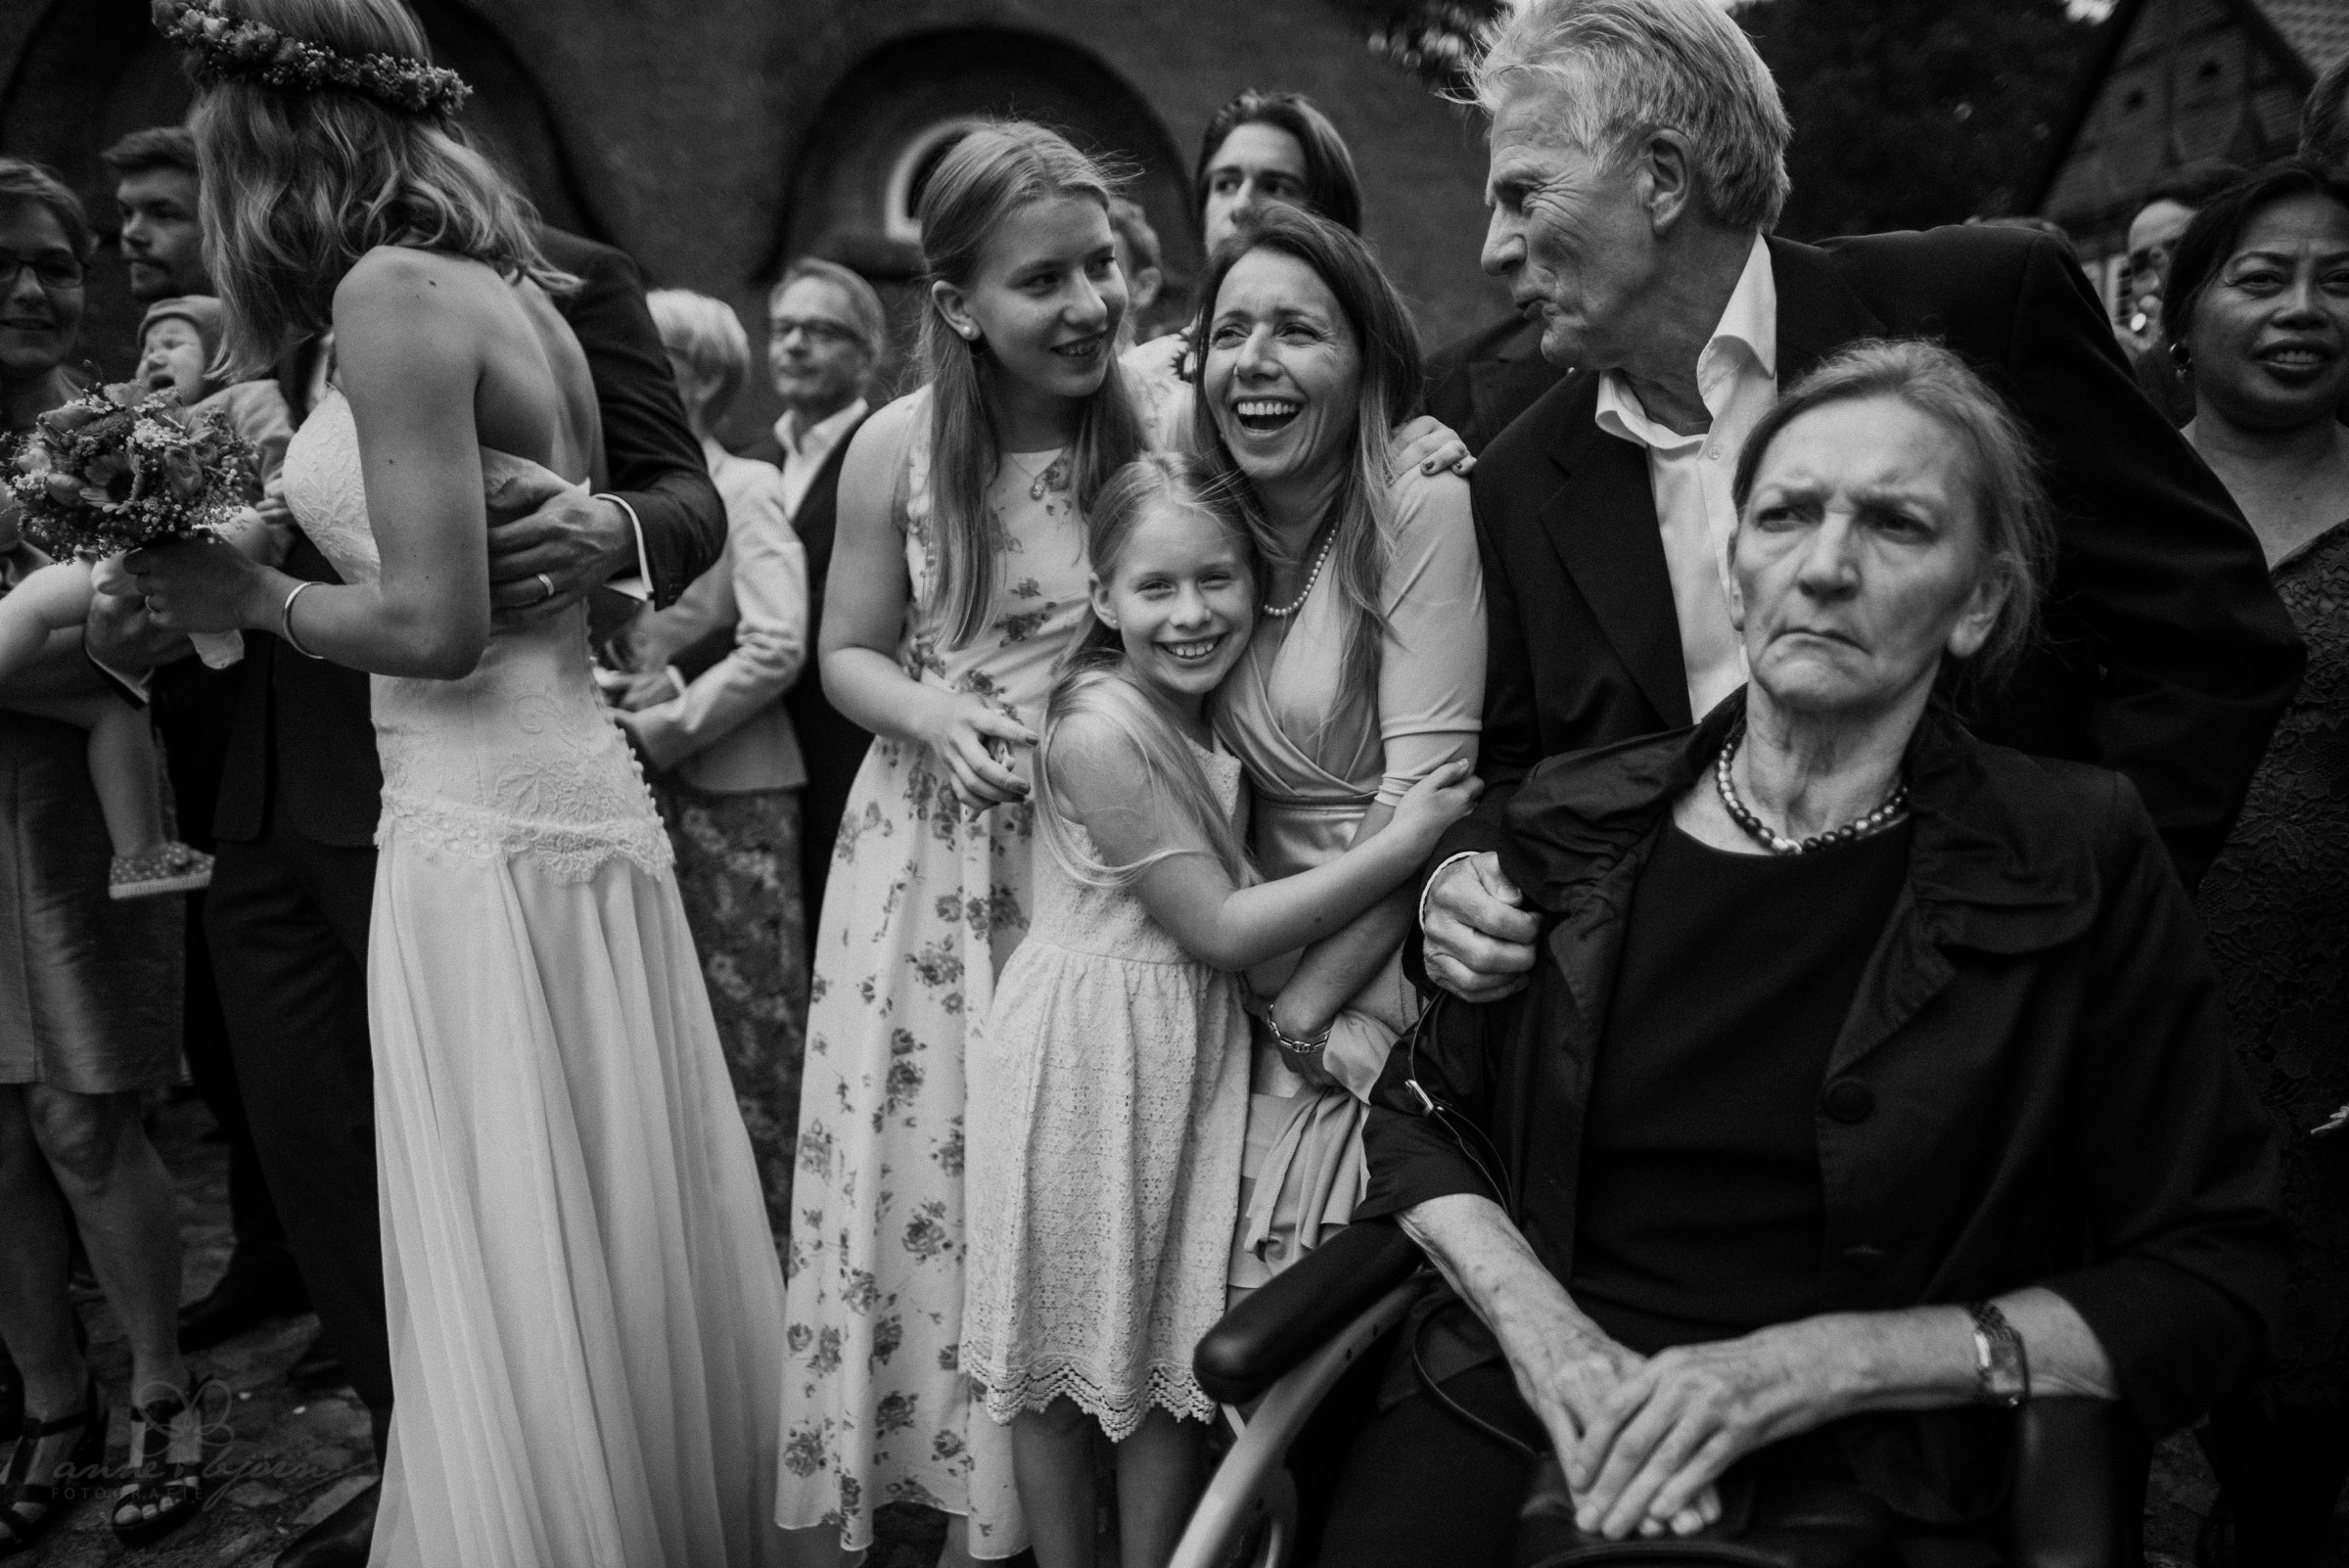 Familie, schwarz weiß, Nikon D750, 24 mm, spontan, Hochzeitsfotograf, Hochzeitsreportage